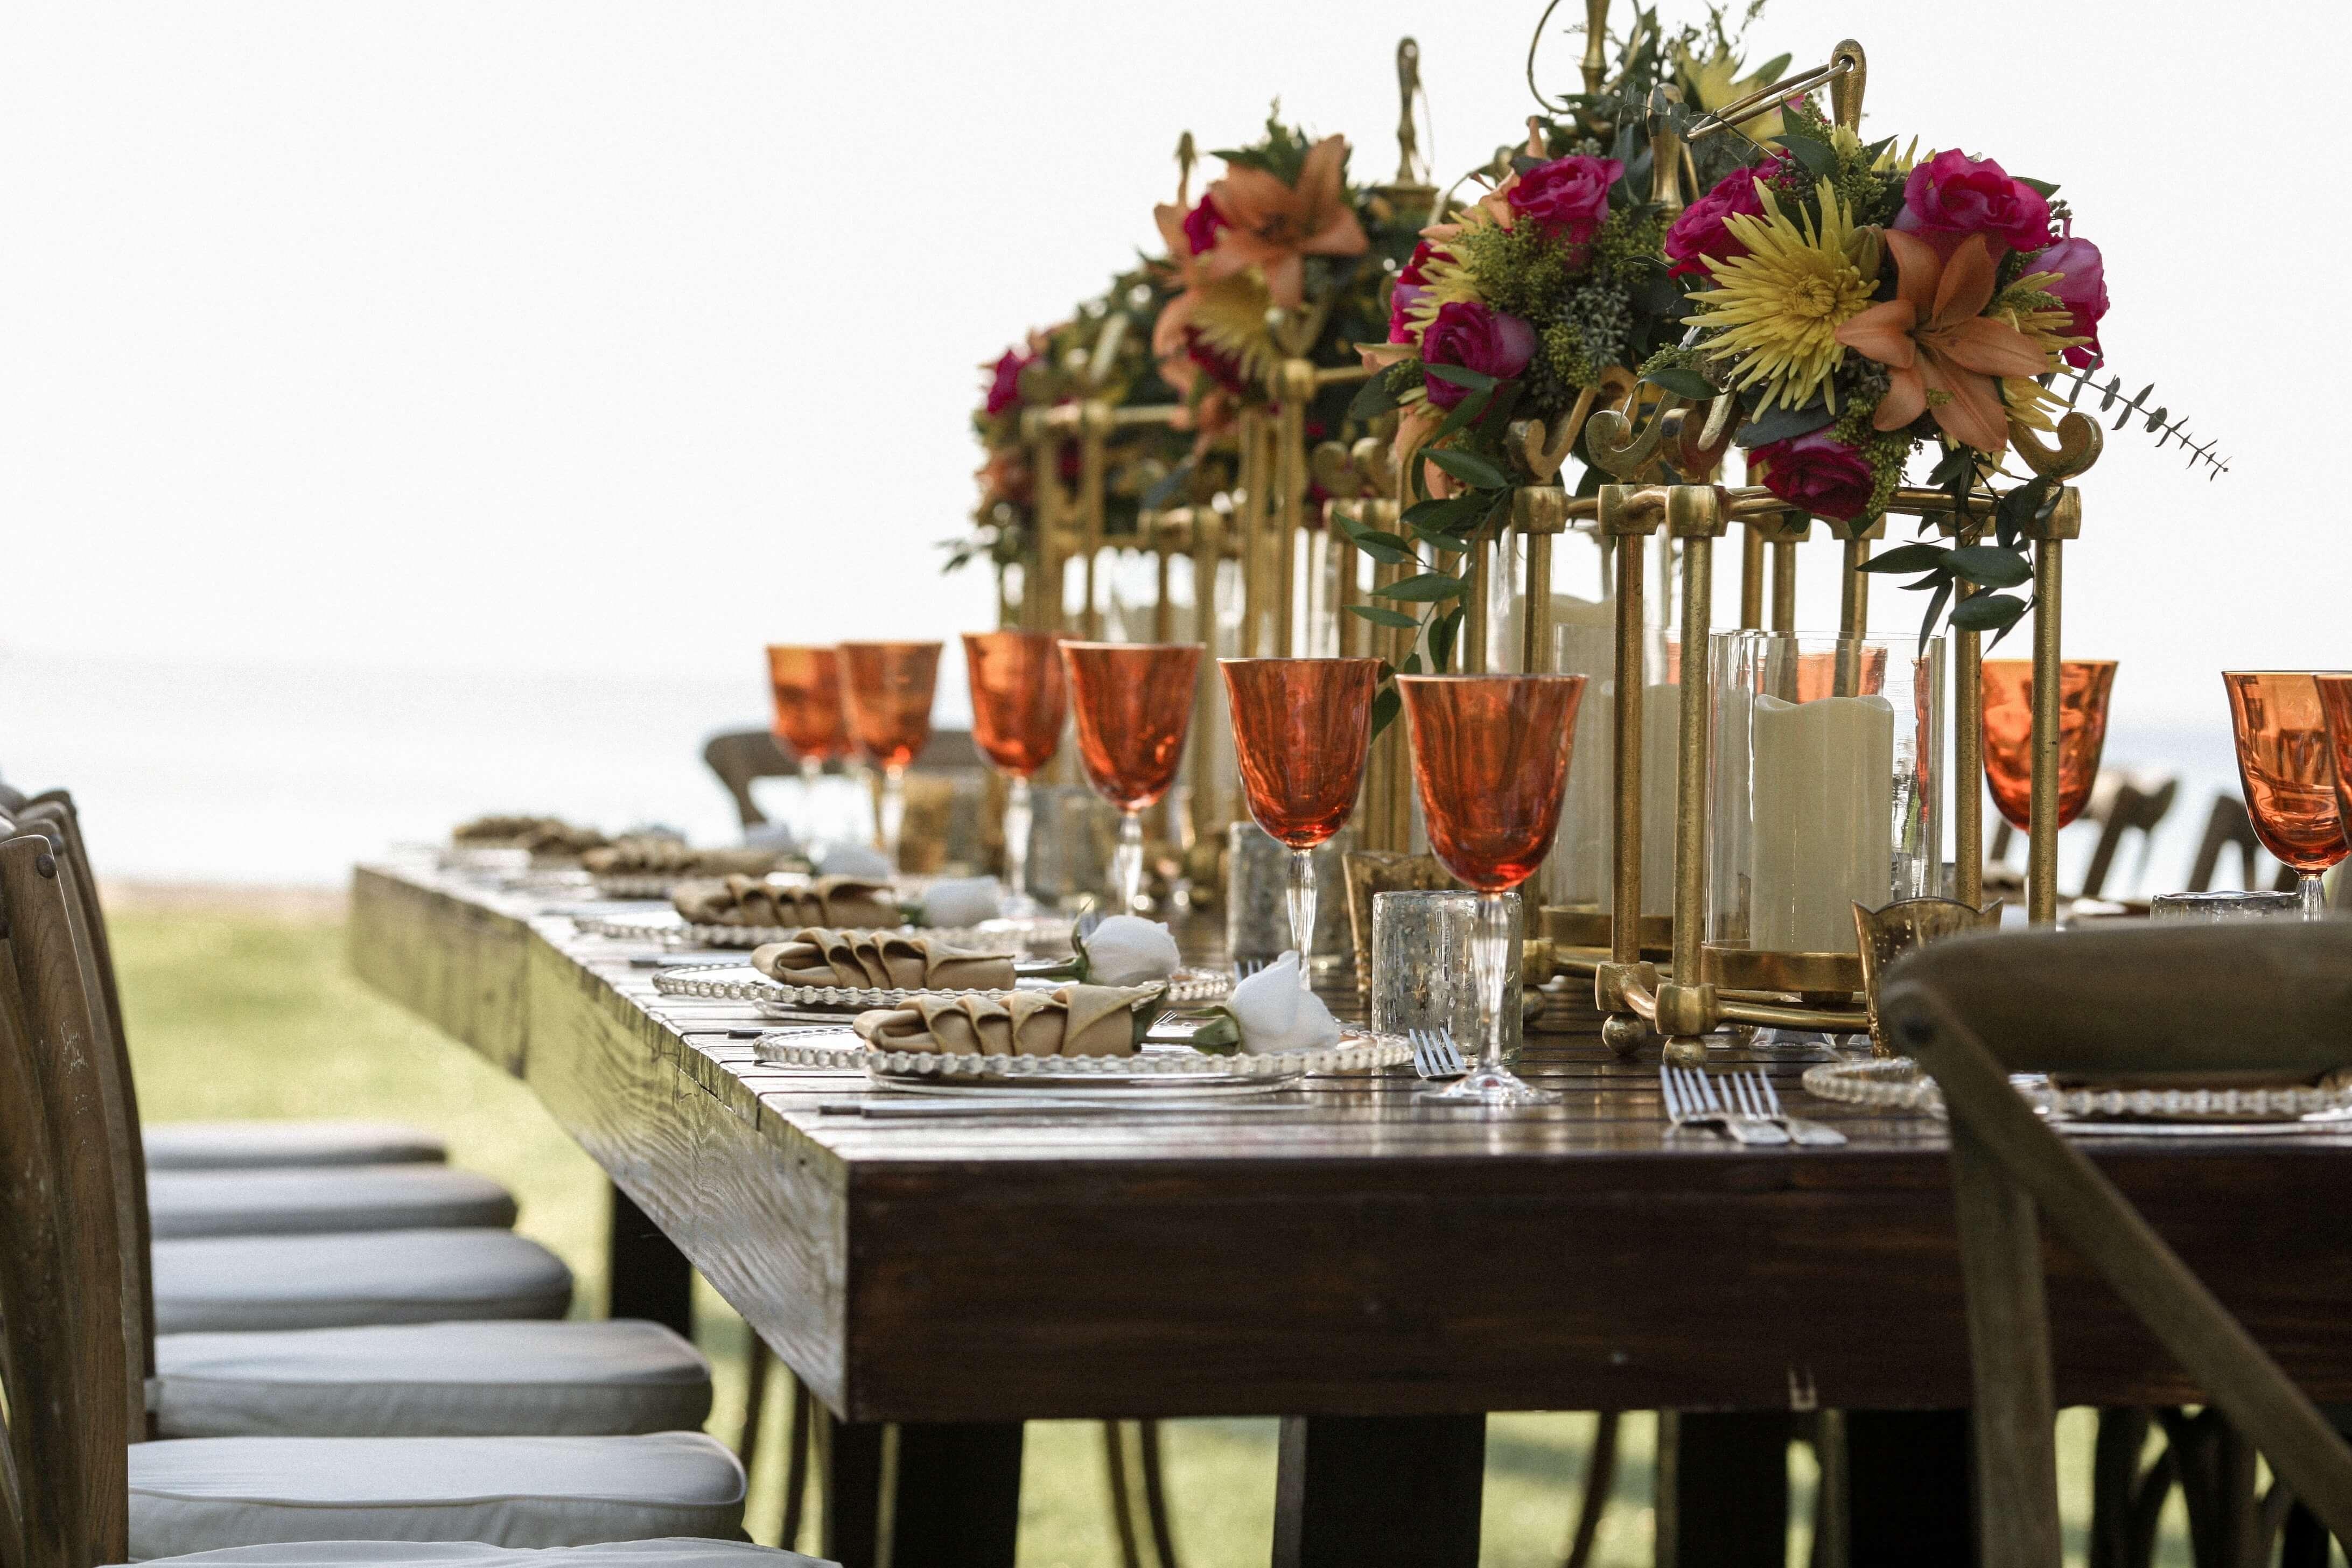 Gedekte tafels met wit linnen en servies ter voorbereiding van een evenement,image